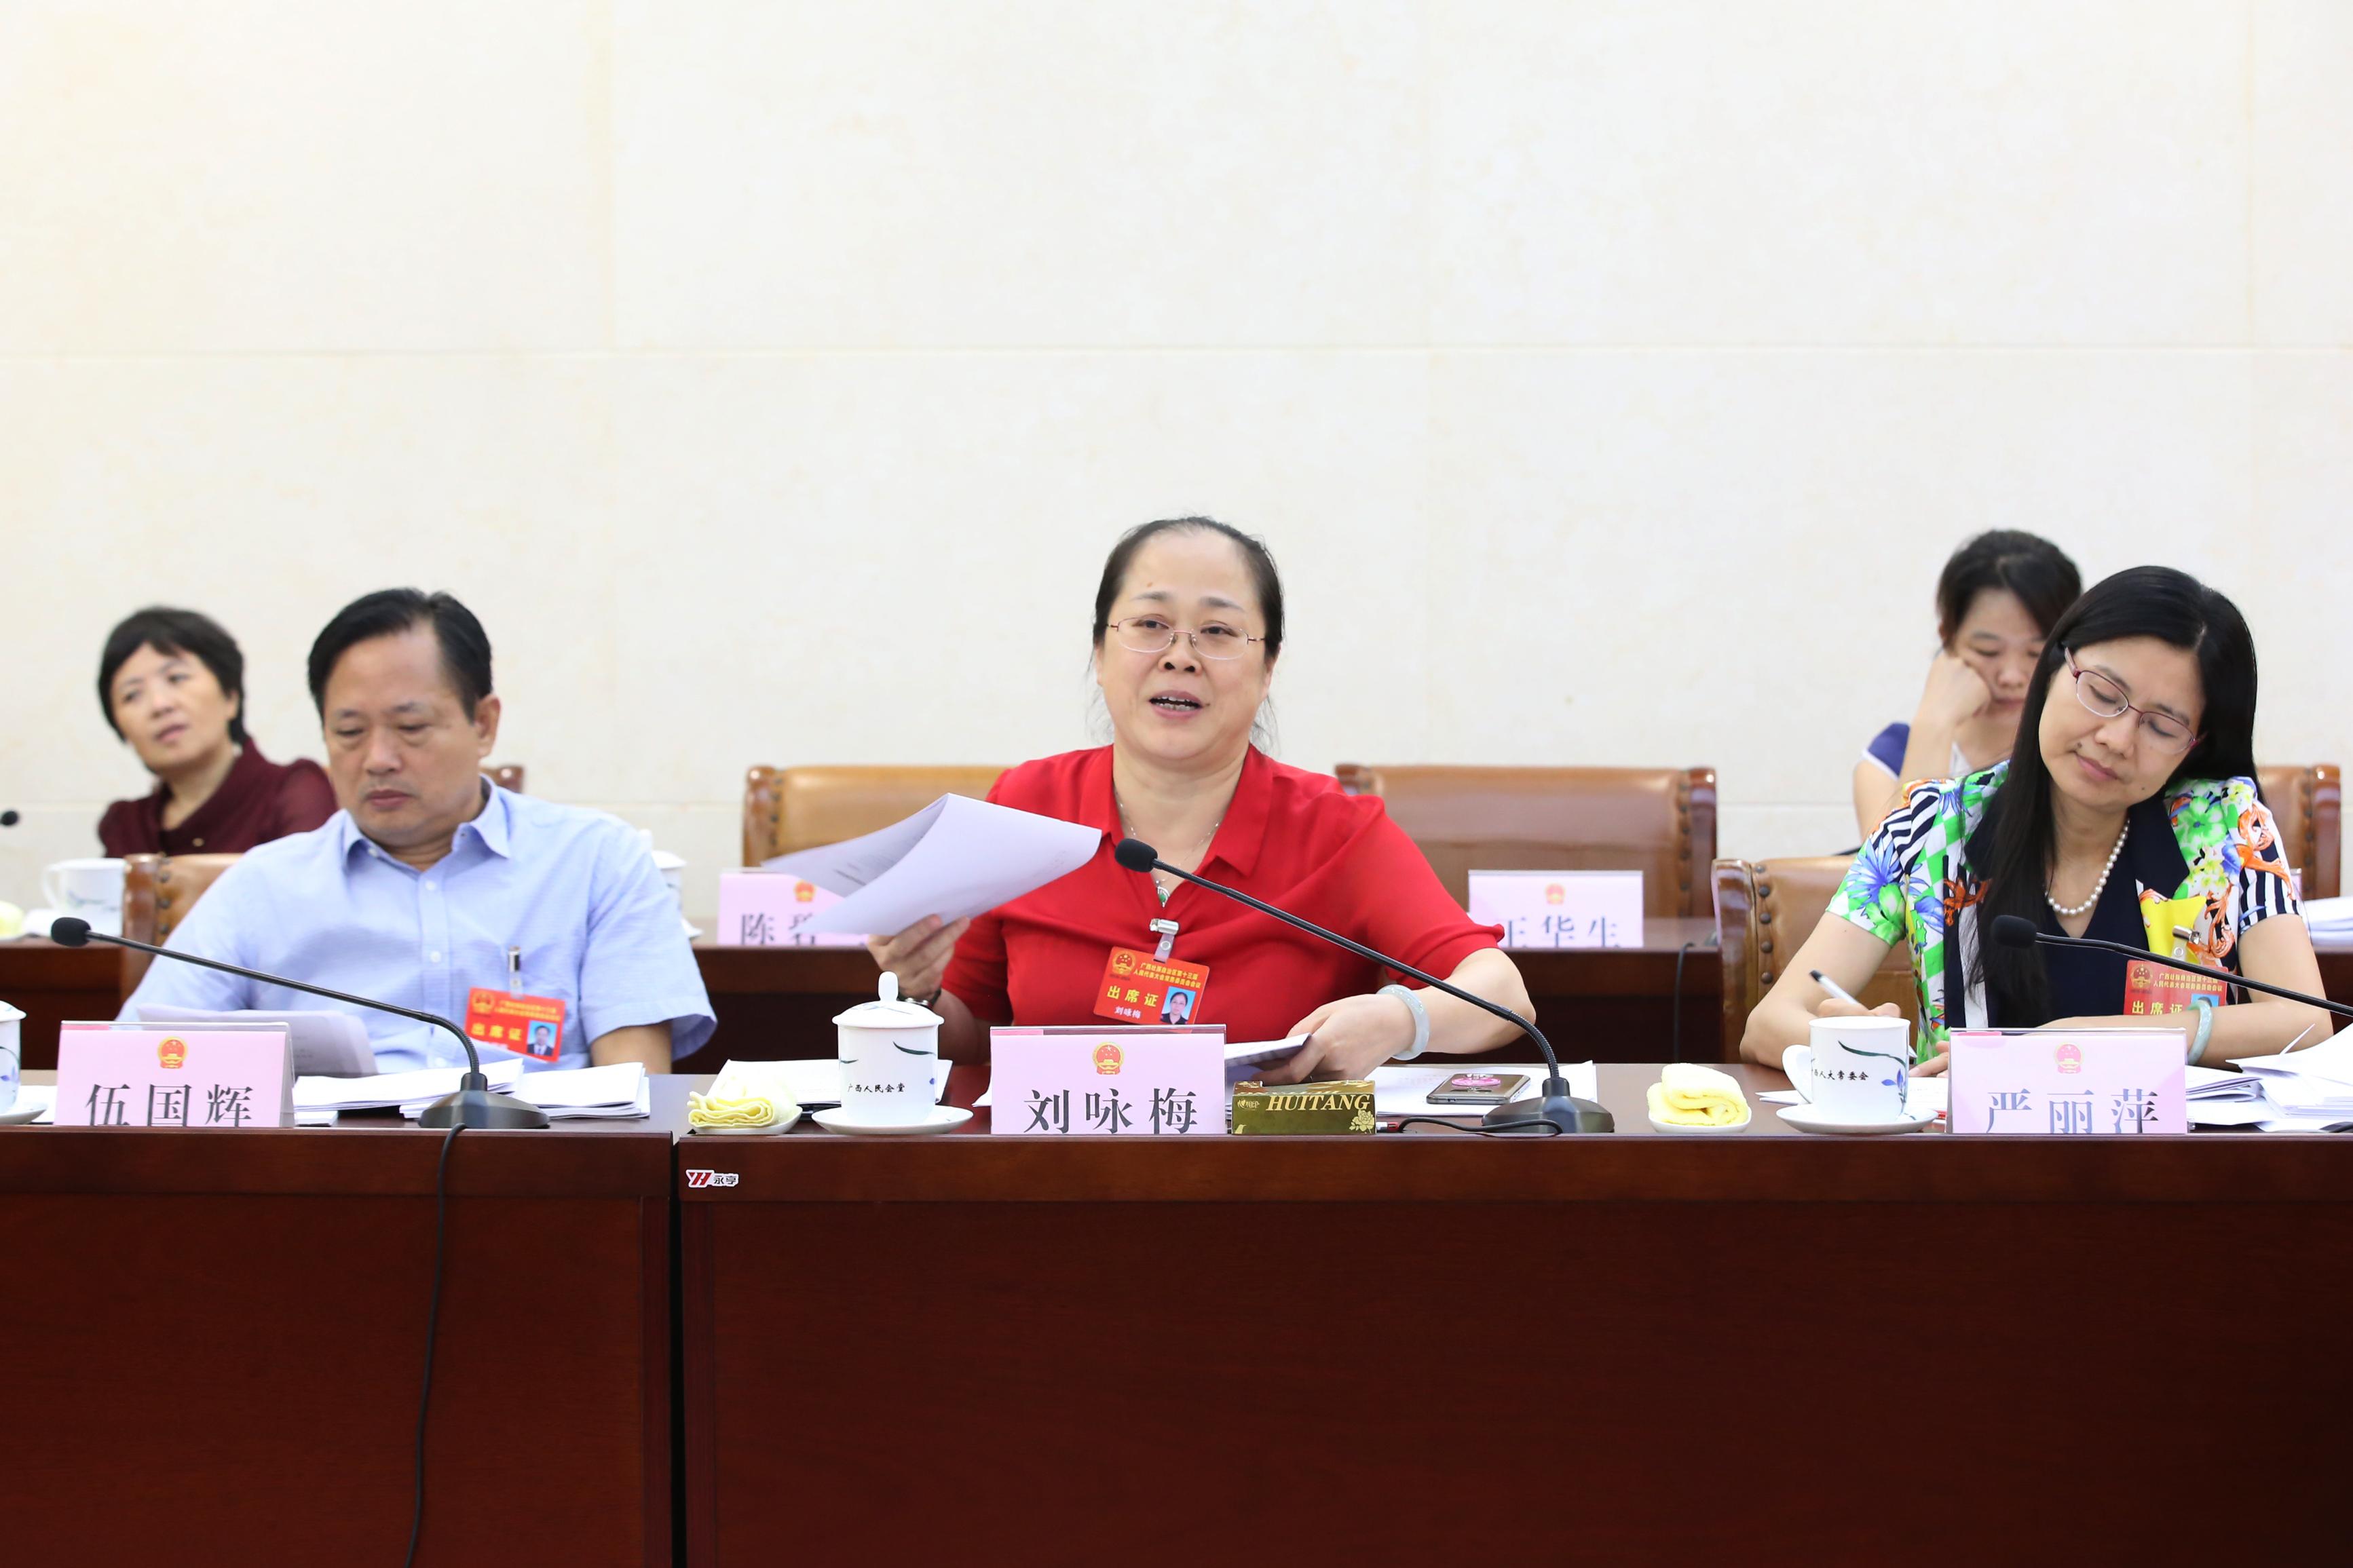 自治区十三届人大常委会第十次会议7月24日下午召开分组会议